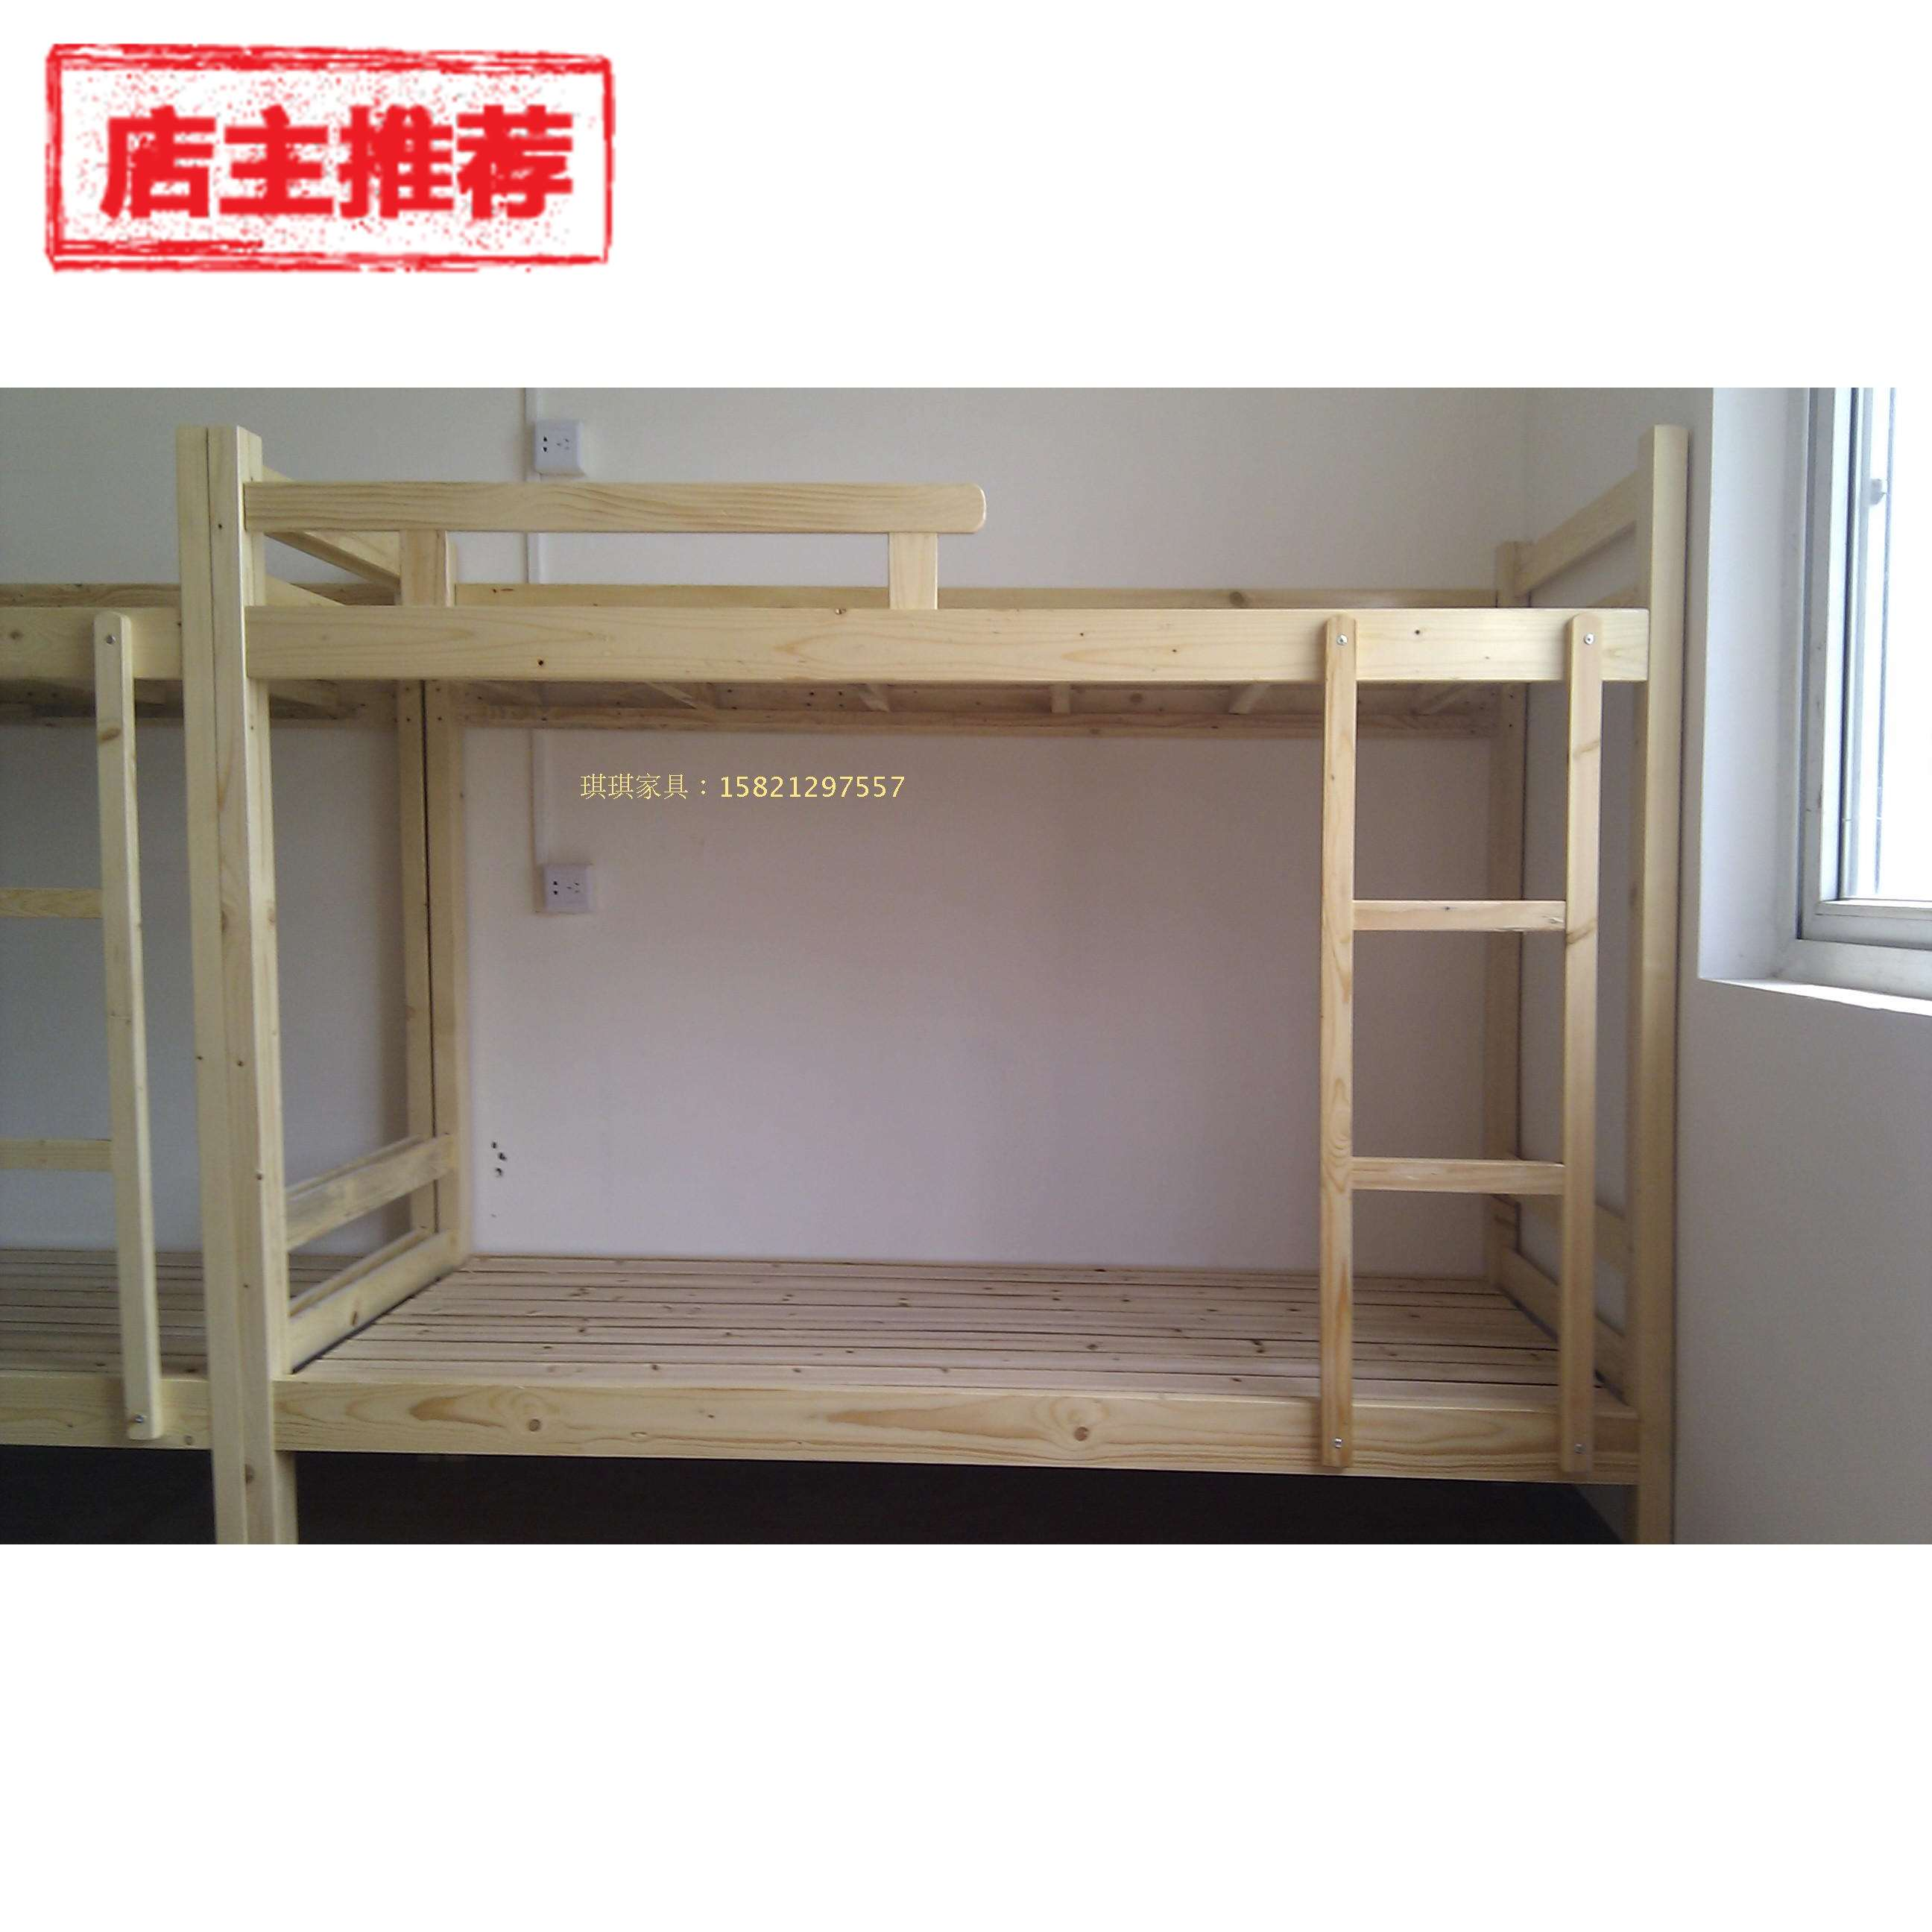 Двухъярусная детская кровать Kiki furniture двухъярусная детская кровать tamaaki furniture